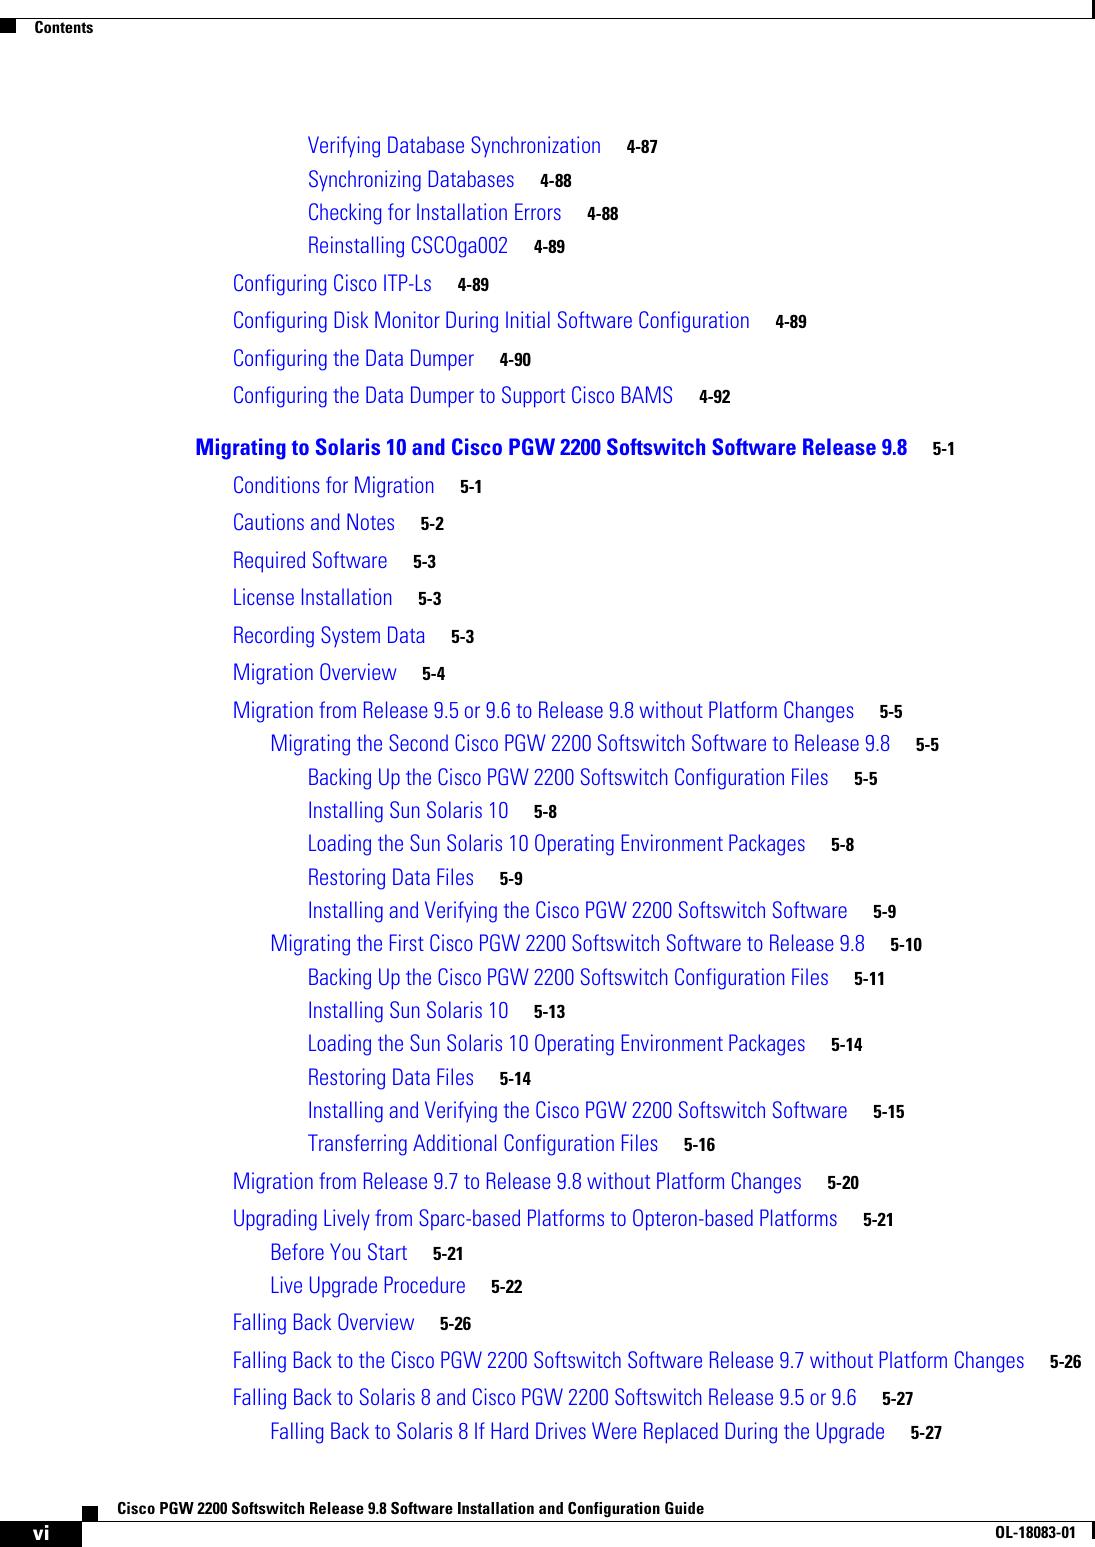 jumpstart dumpper v401 free download for pc